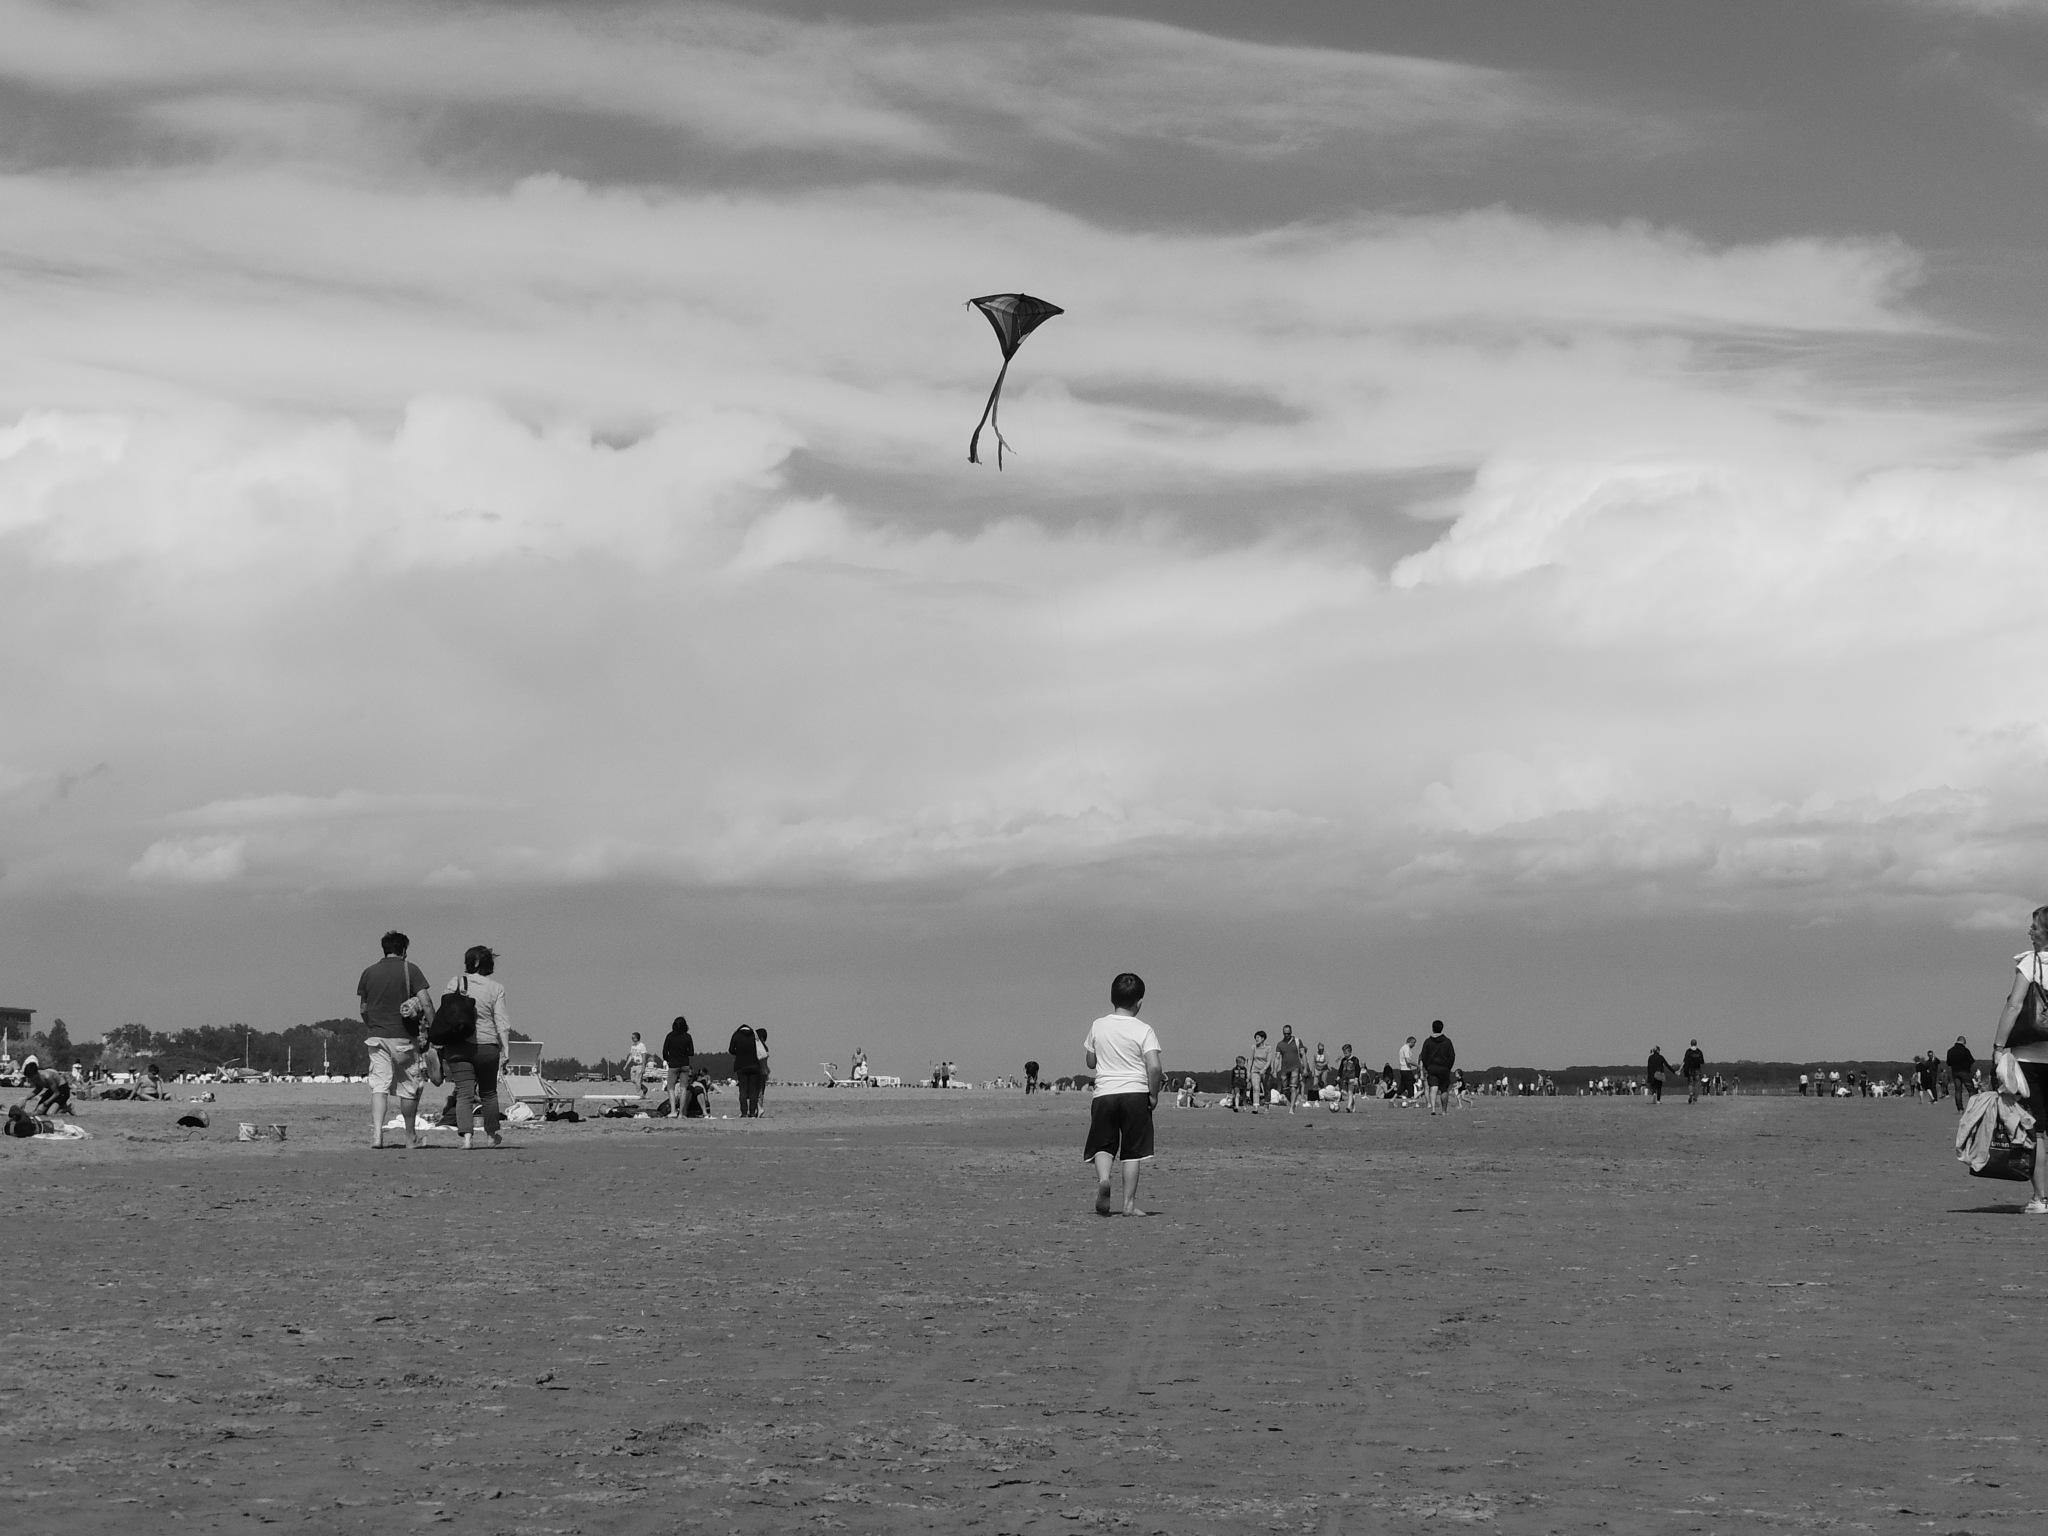 Kite  by Damiano Mozzato